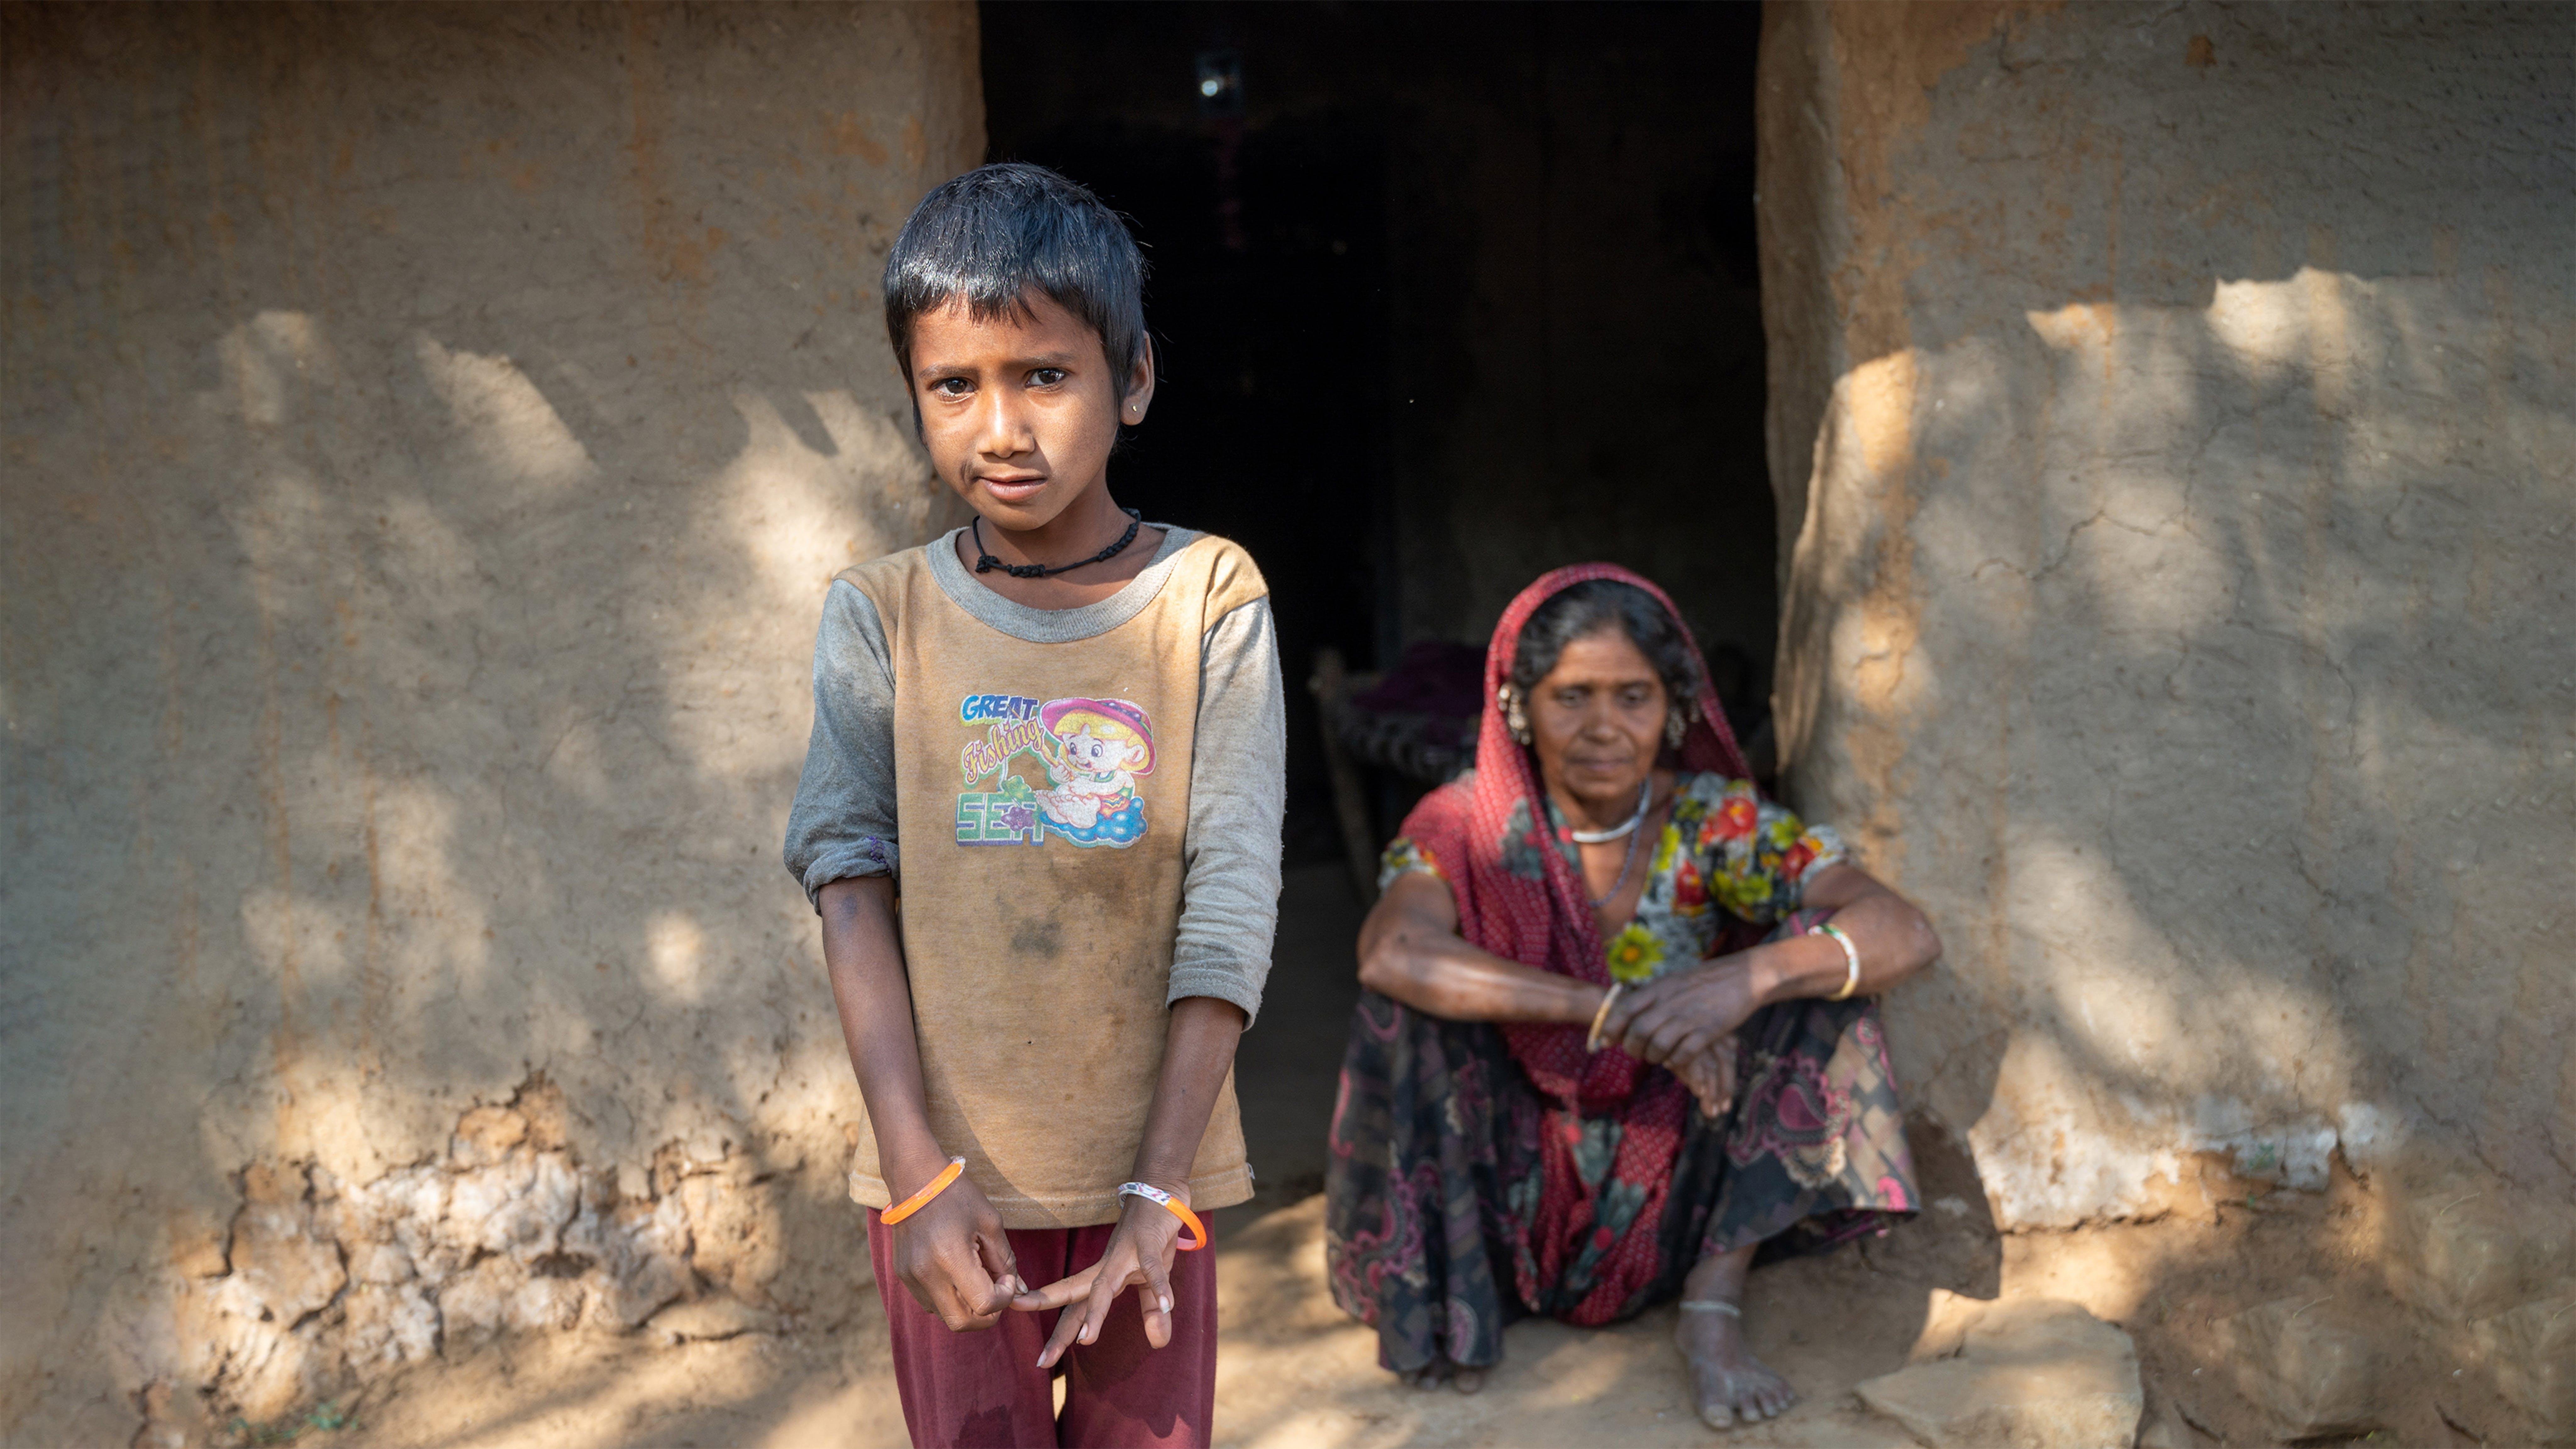 India, Sonal di 10 anni è rimasto orfano dei genitori e sua nonna ha difficiltà nel prendersene cura